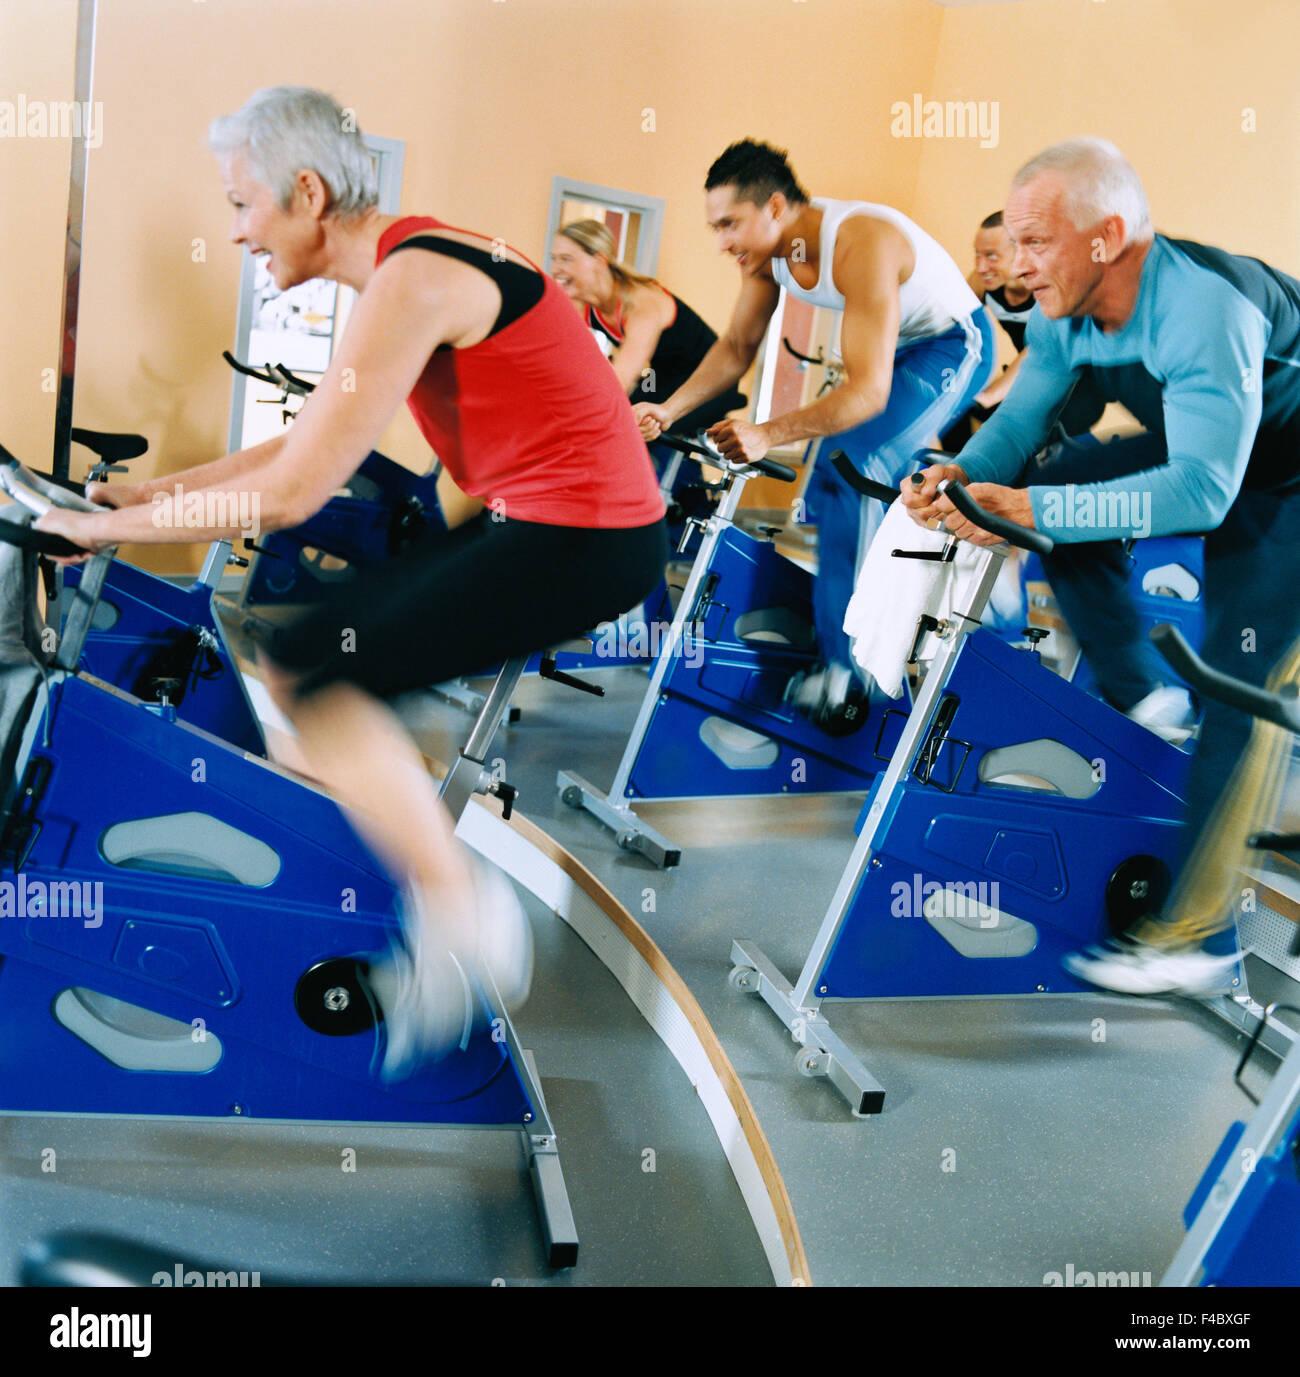 20-24 Jahre 30-34 Jahre Aktivität Erwachsene einzige Athlet Fahrrad Bodybuilding Farbe Bild Zyklus fünf Gesundheit Stockfoto